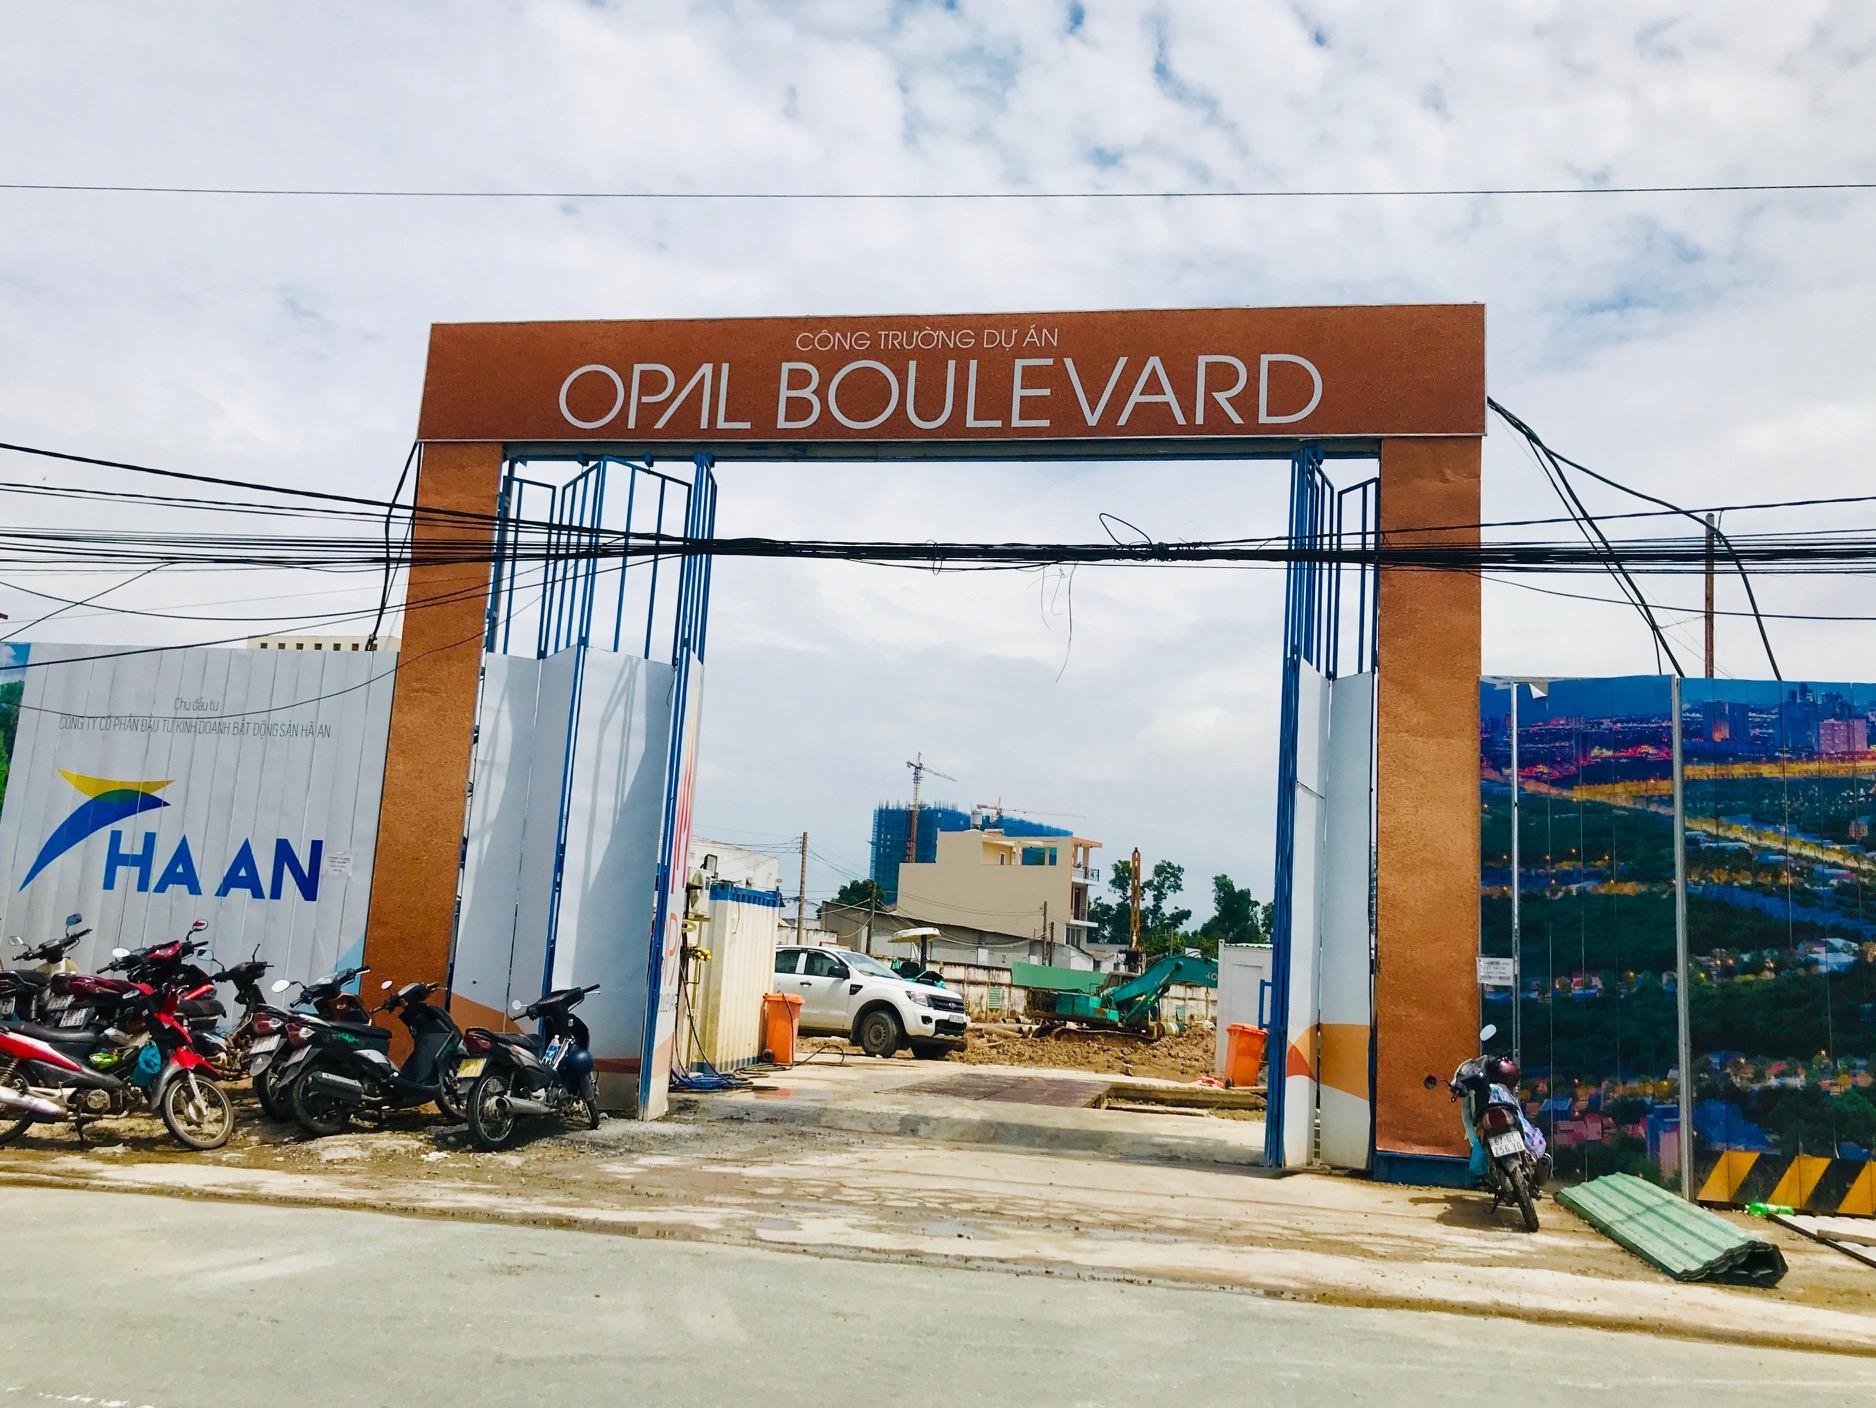 Chủ tịch Bình Dương chỉ đạo làm rõ việc huy động vốn trái phép tại Opal Boulevard - Ảnh 2